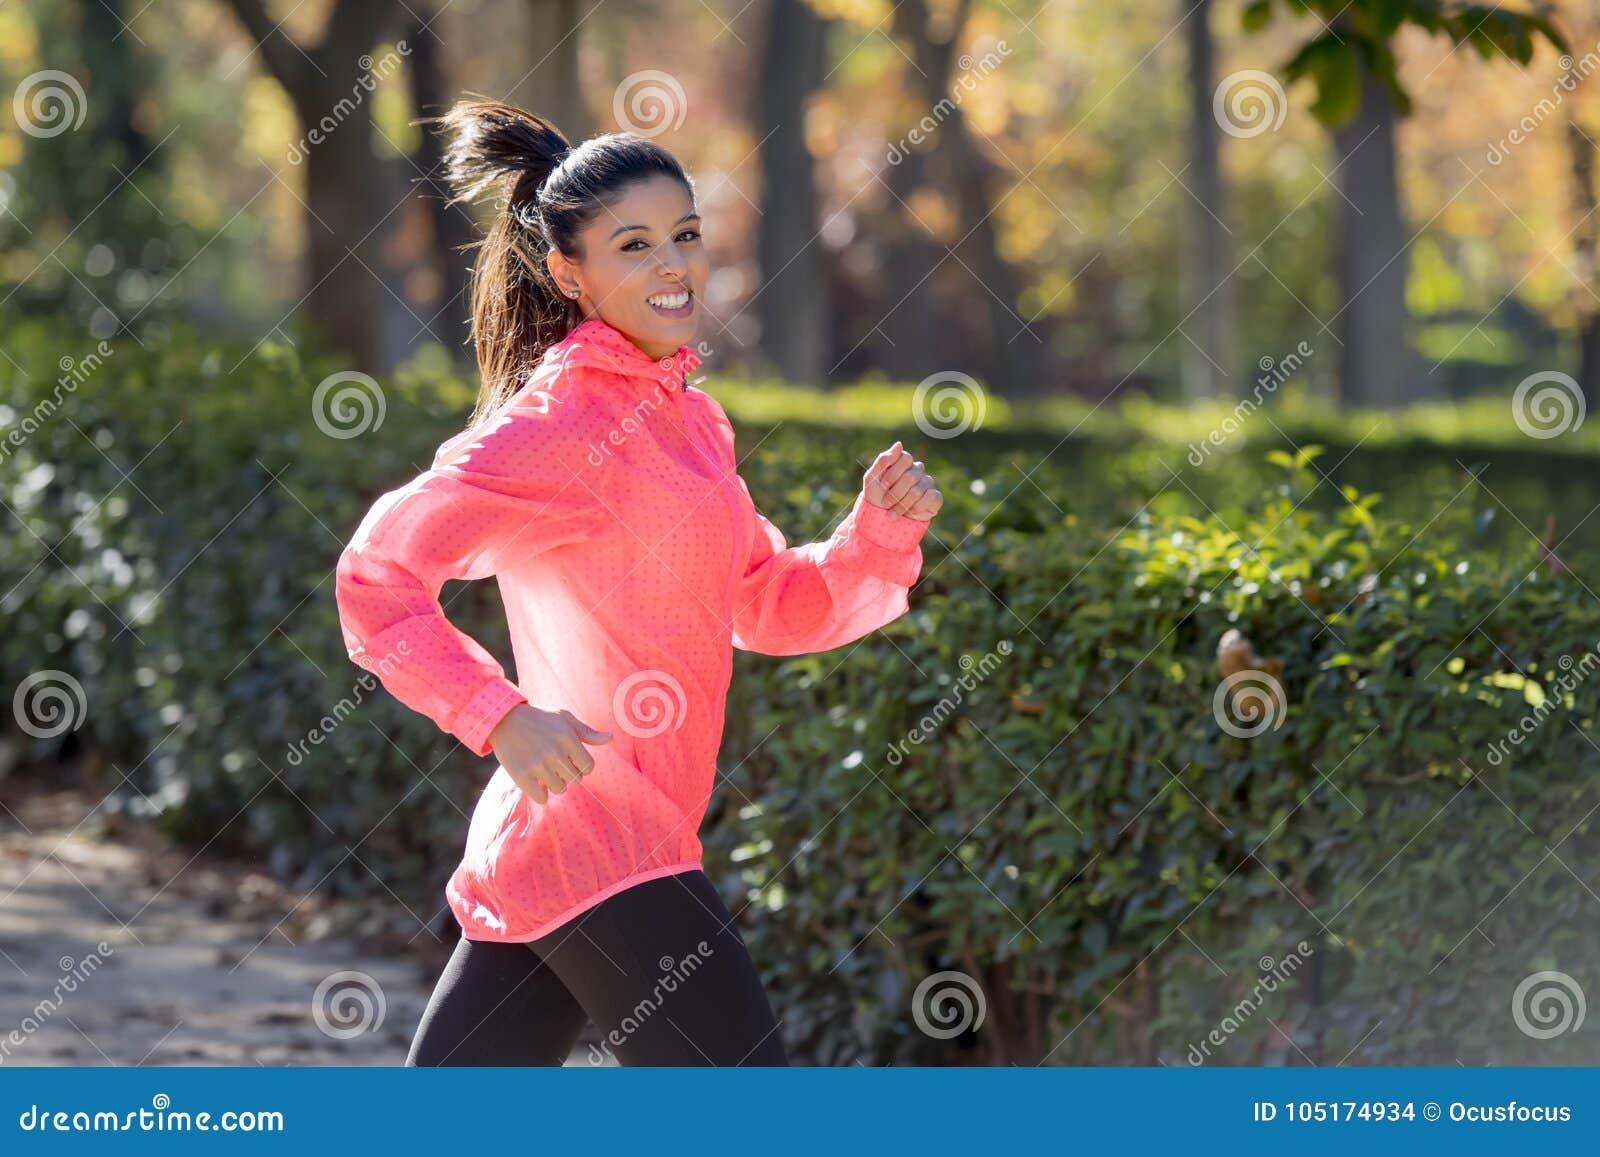 Femme attirante et heureuse de coureur dans des vêtements de sport d  automne courant a 7435ecde653